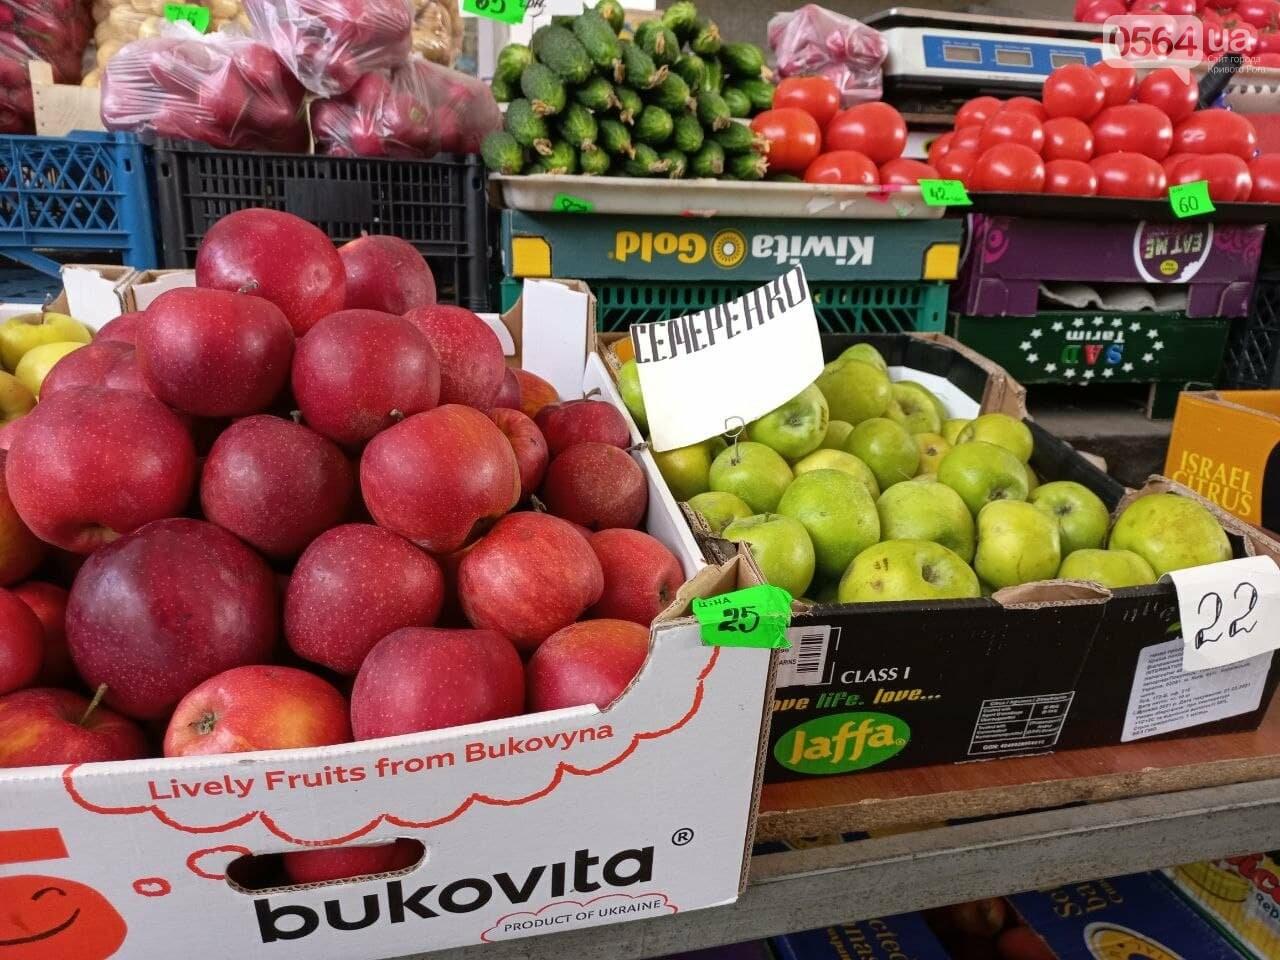 Пасхальная корзина 2021: сколько стоит традиционный праздничный набор продуктов в Кривом Роге, - ФОТО, фото-11